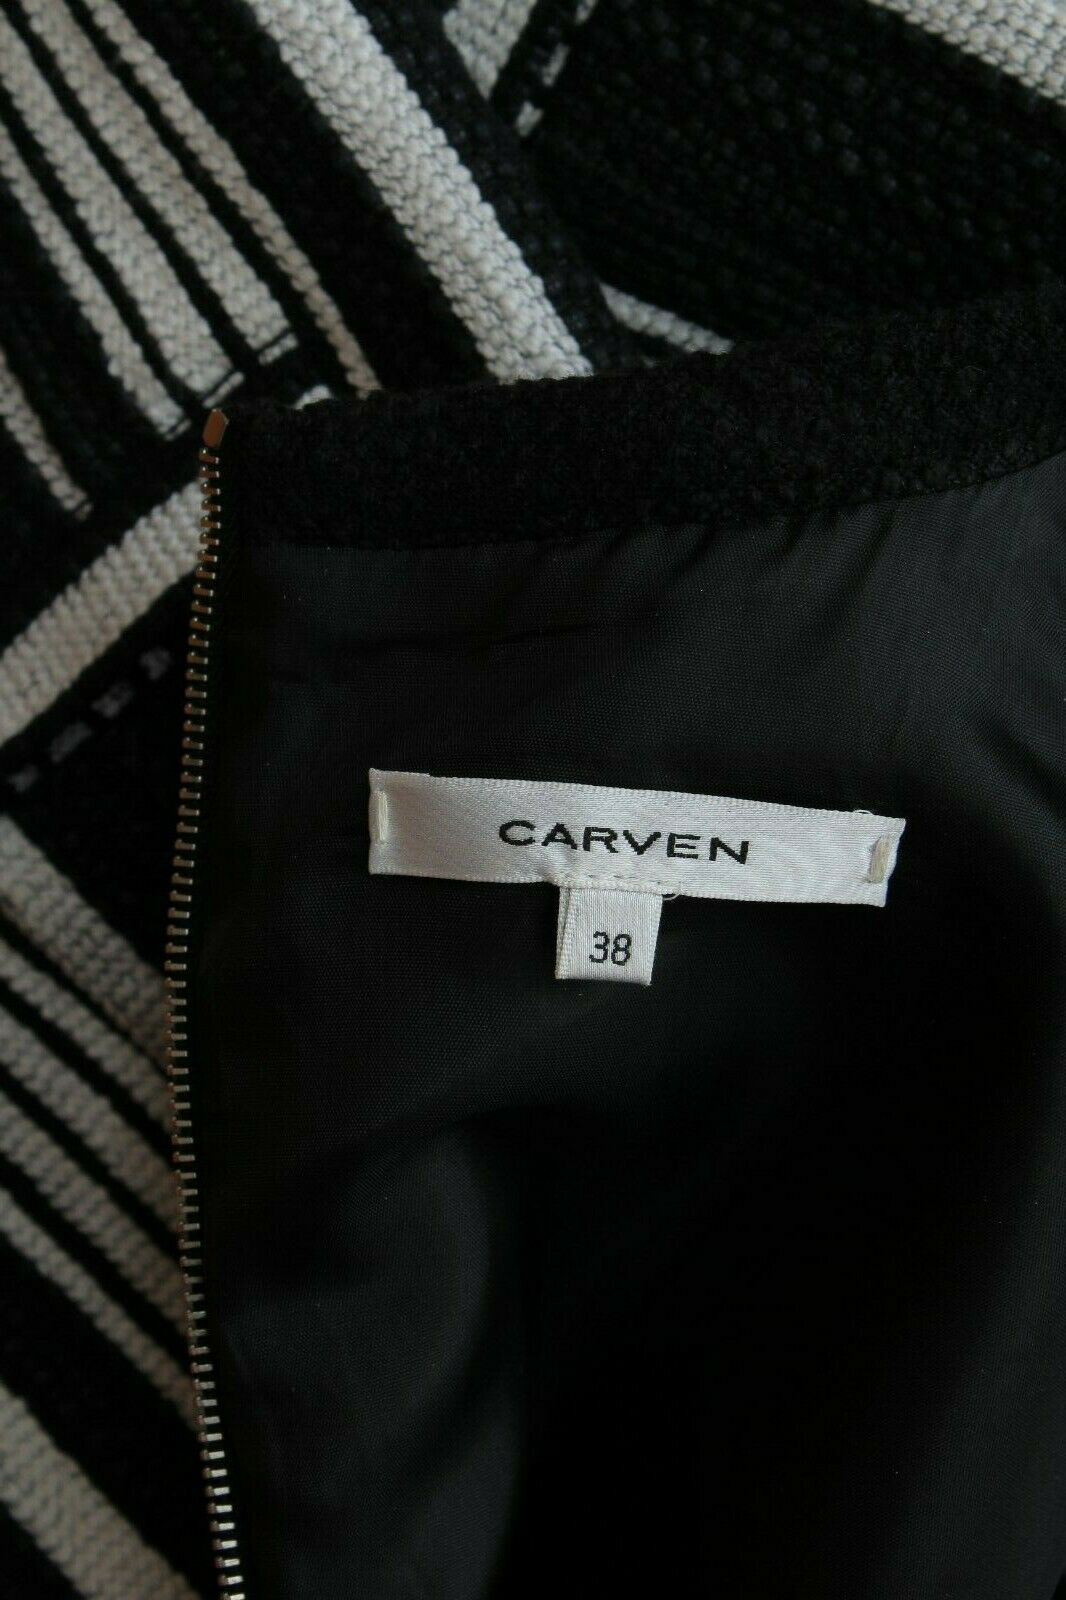 Carven déguisement rayé tissé tweed robe / noir,blanc / prix de vente recommandé